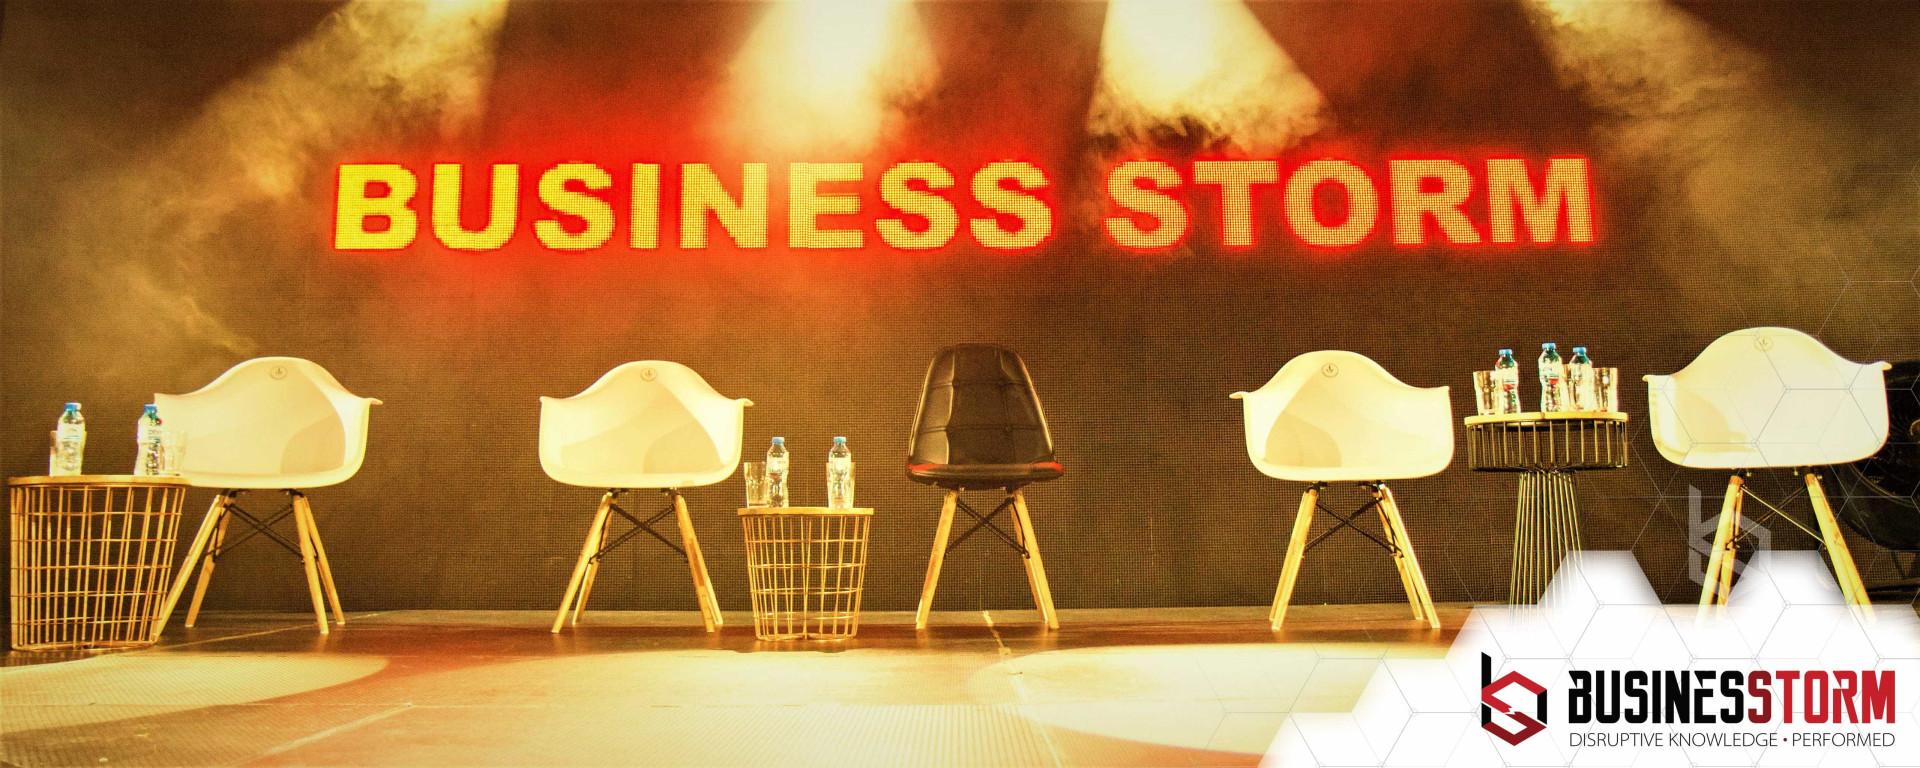 Novo evento promete trazer 'tempestade' de empreendedorismo a Lisboa